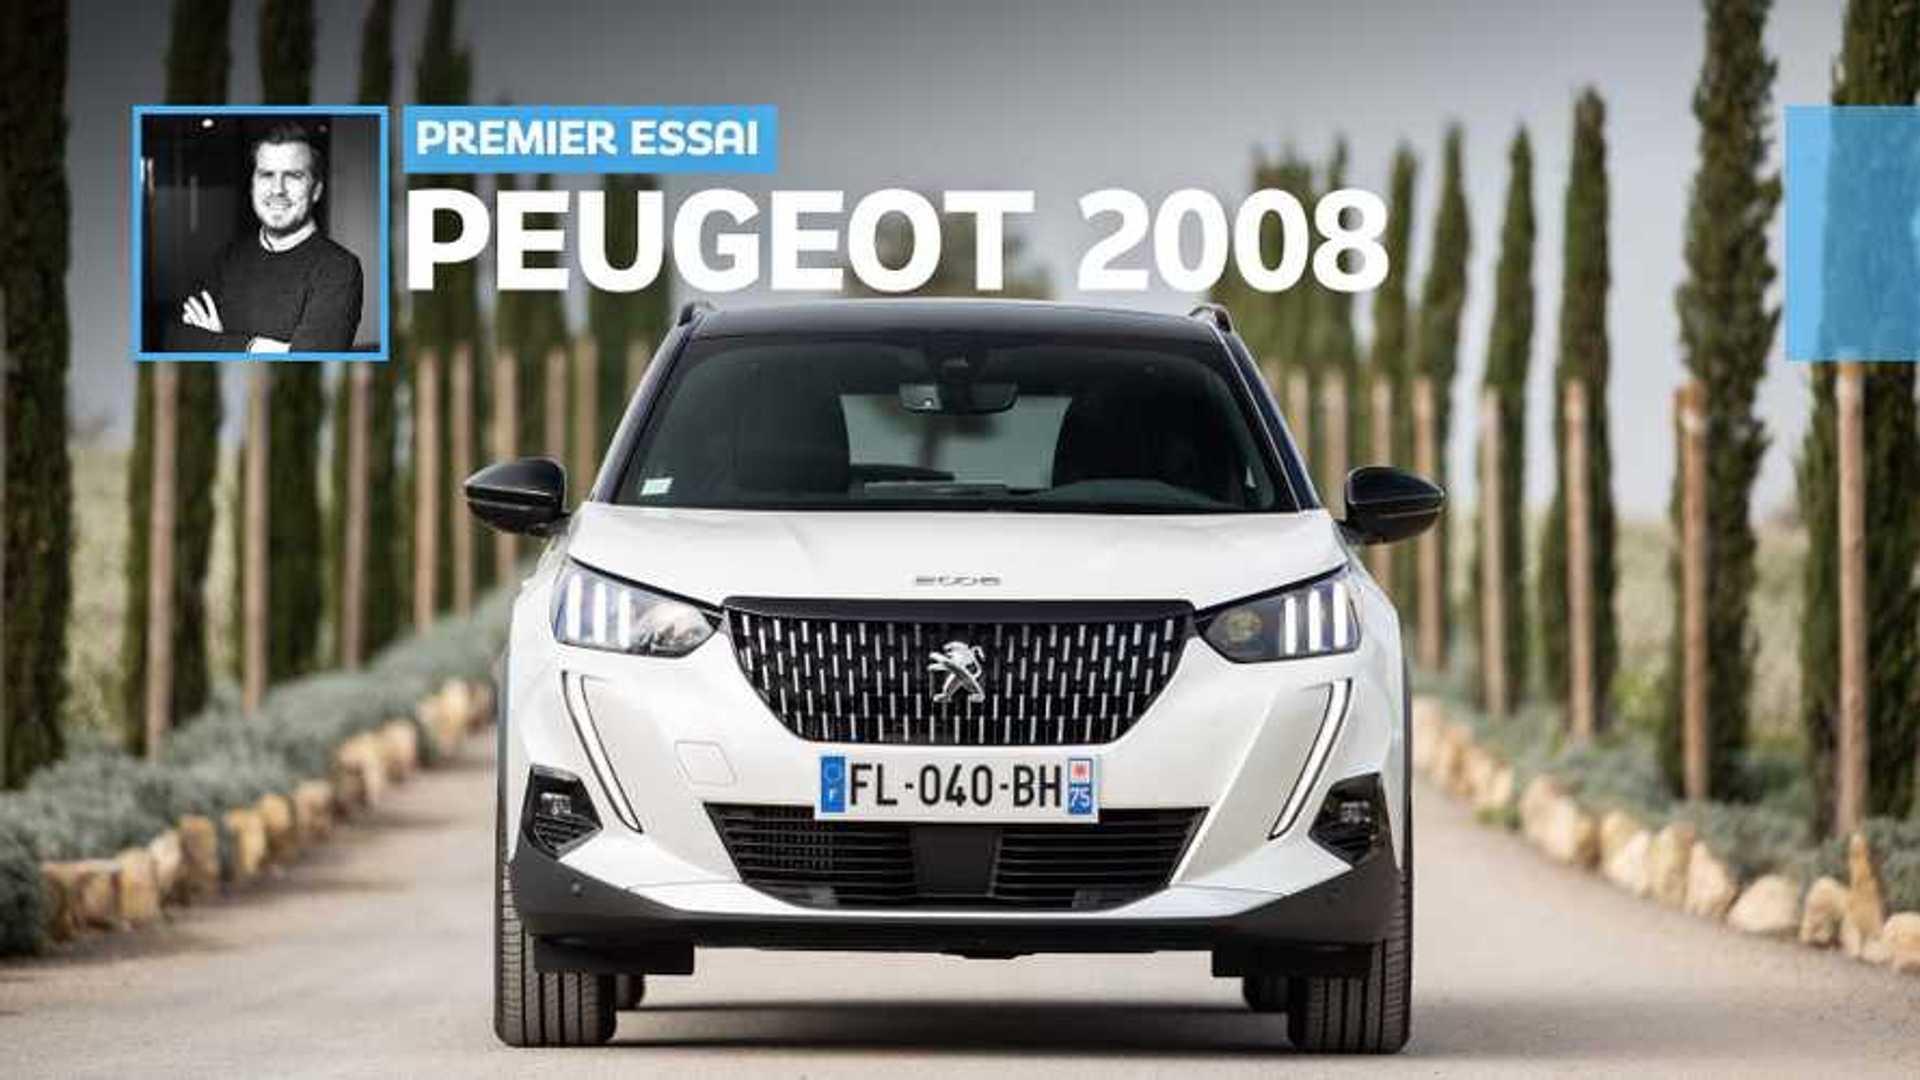 Essai Peugeot 2008 1.2 PureTech 130 ch - Future star